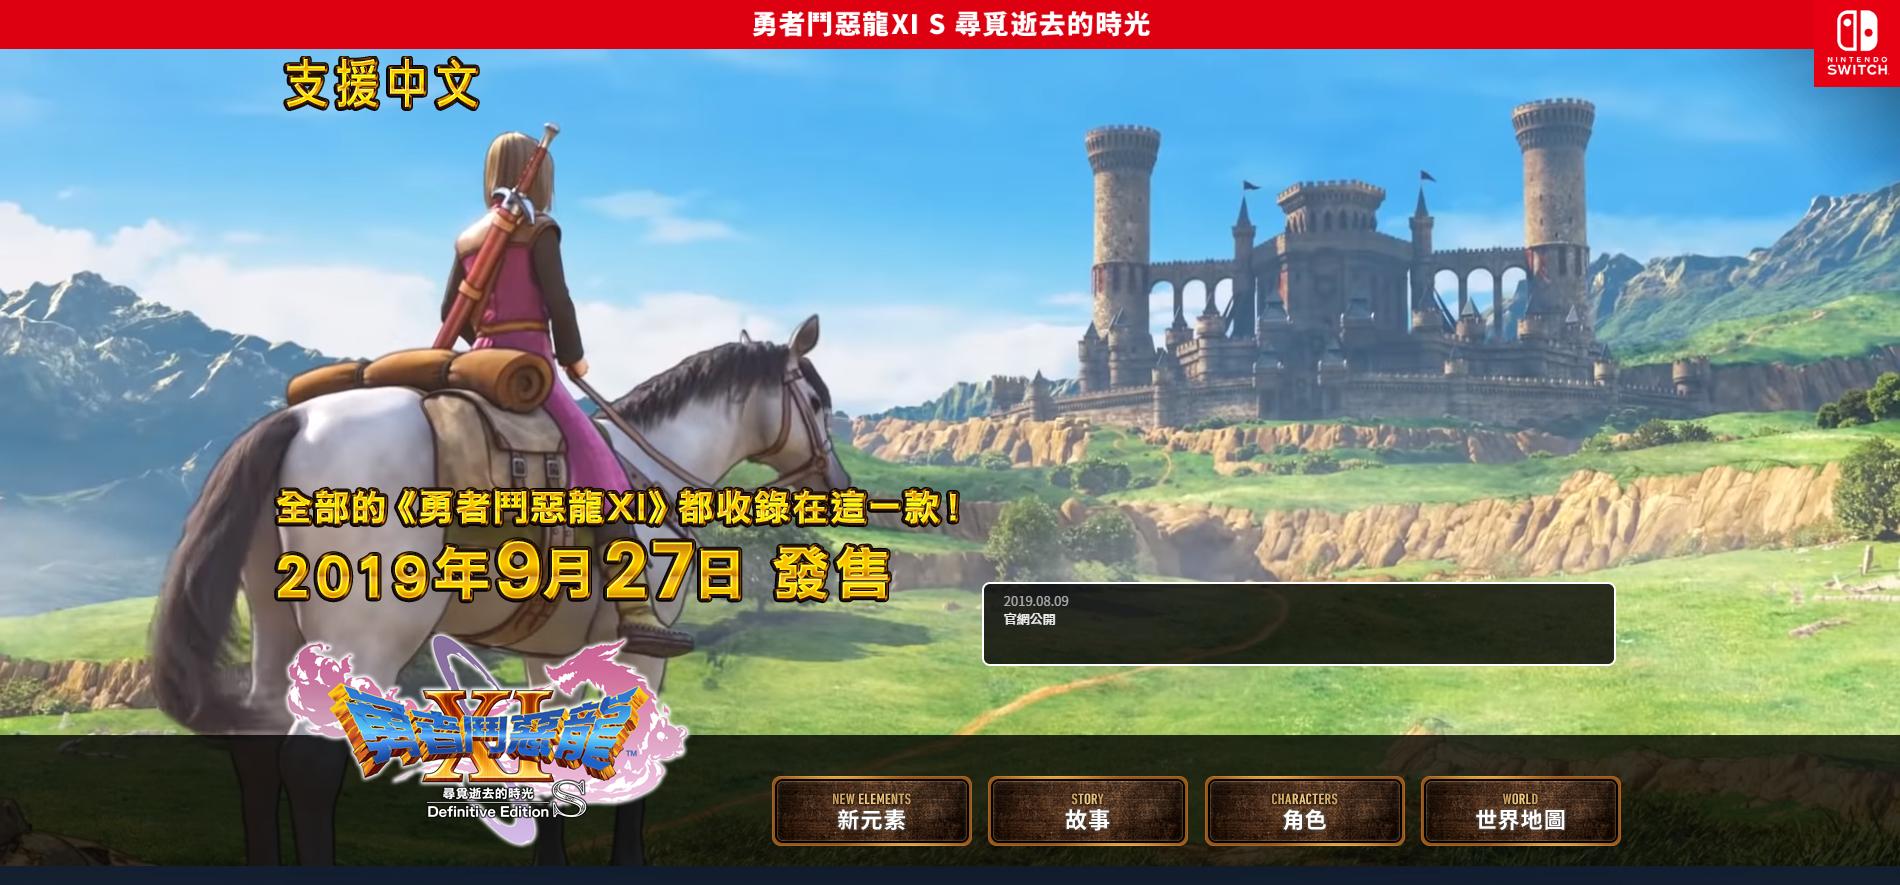 <b>游戏详情一览无余 《勇者斗恶龙11S》中文官网上线</b>